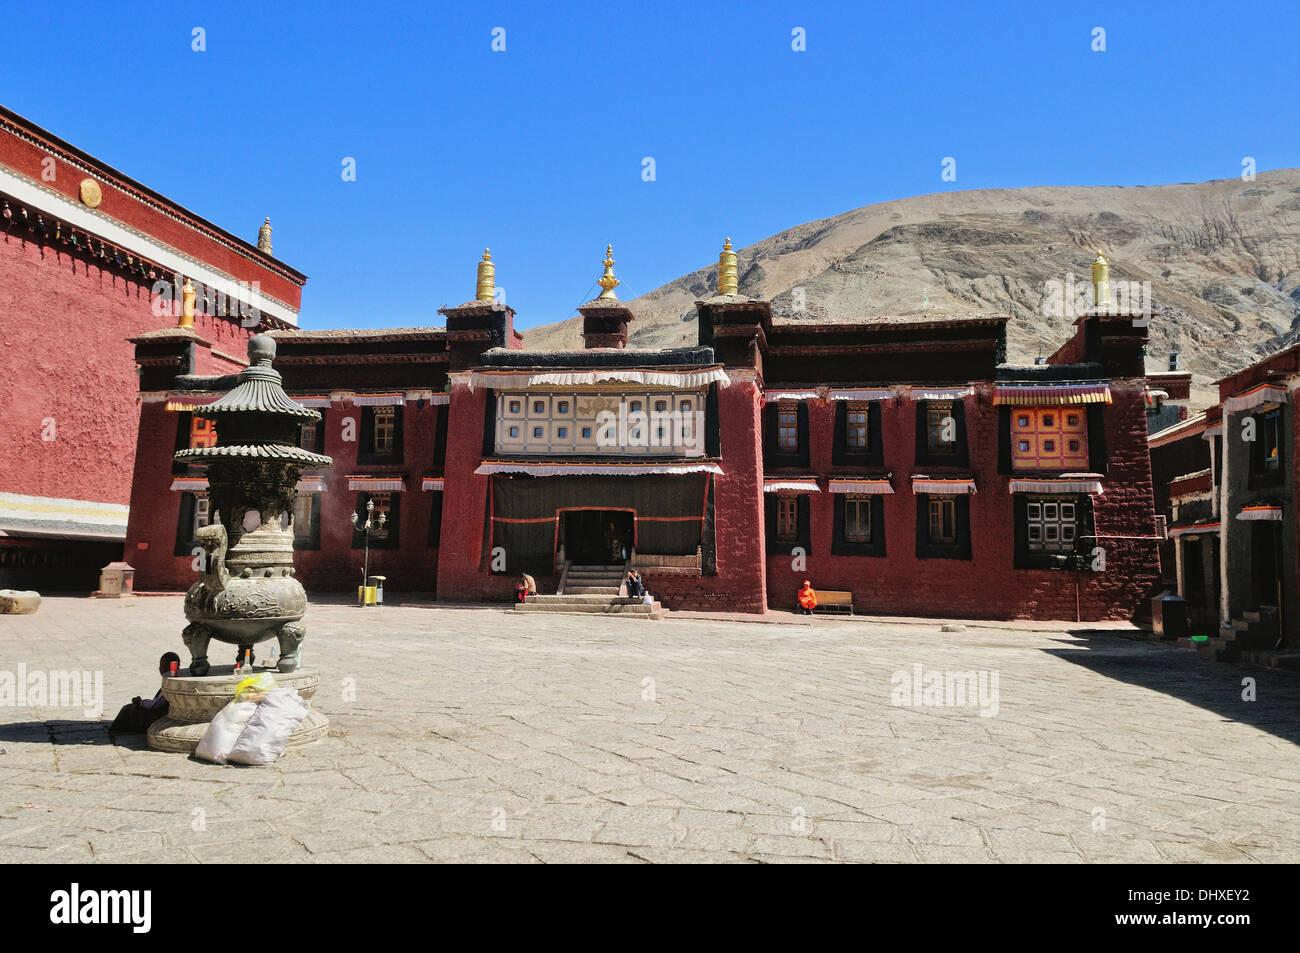 Sakya Monastery in Shigatse Tibet - Stock Image